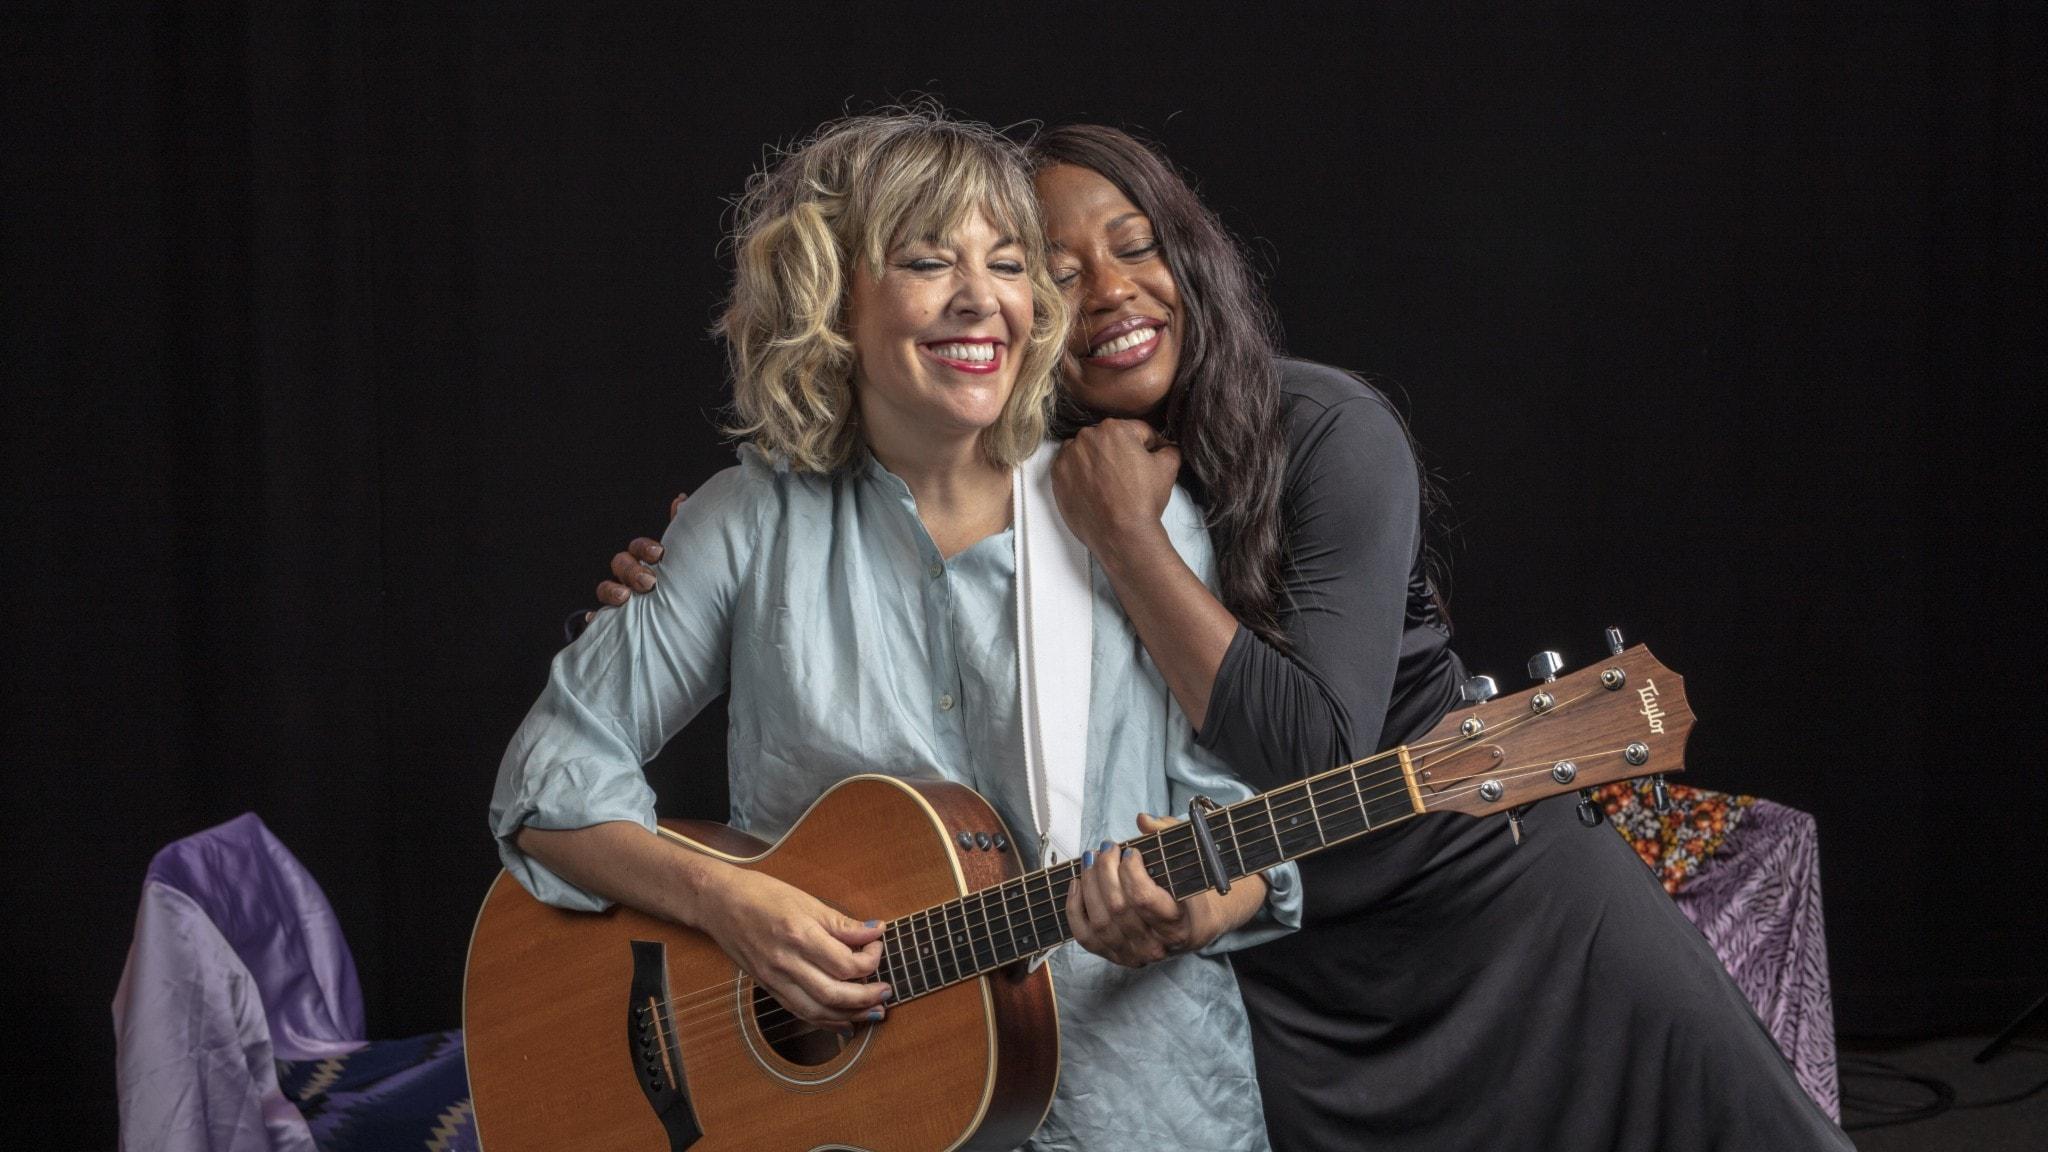 Marit Bergman och LaGaylia Frazier kramar om varandra. Marit har gitarr i famnen.